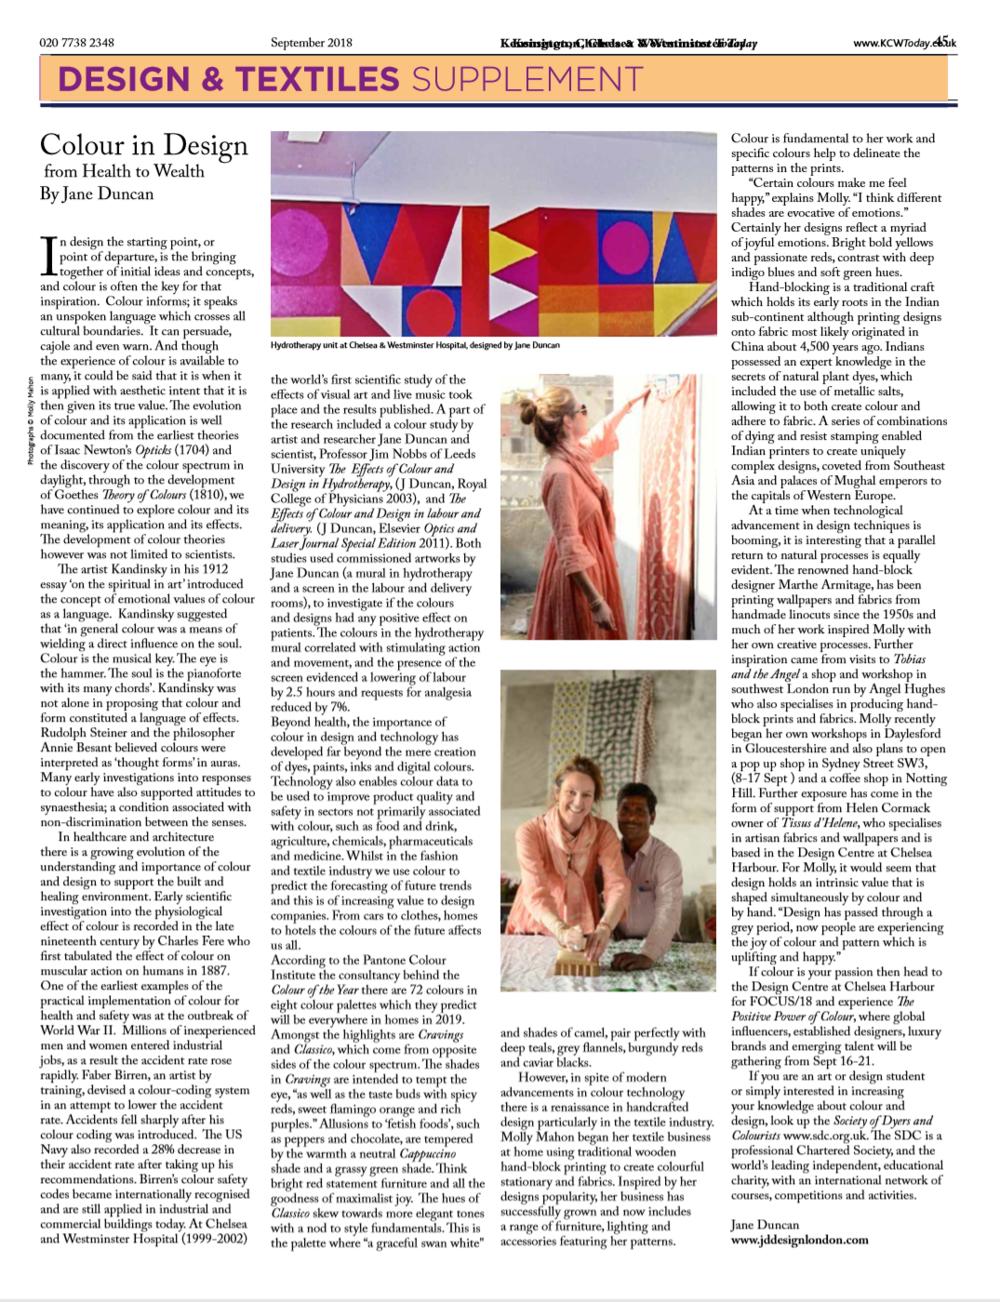 Molly Mahon article.PNG